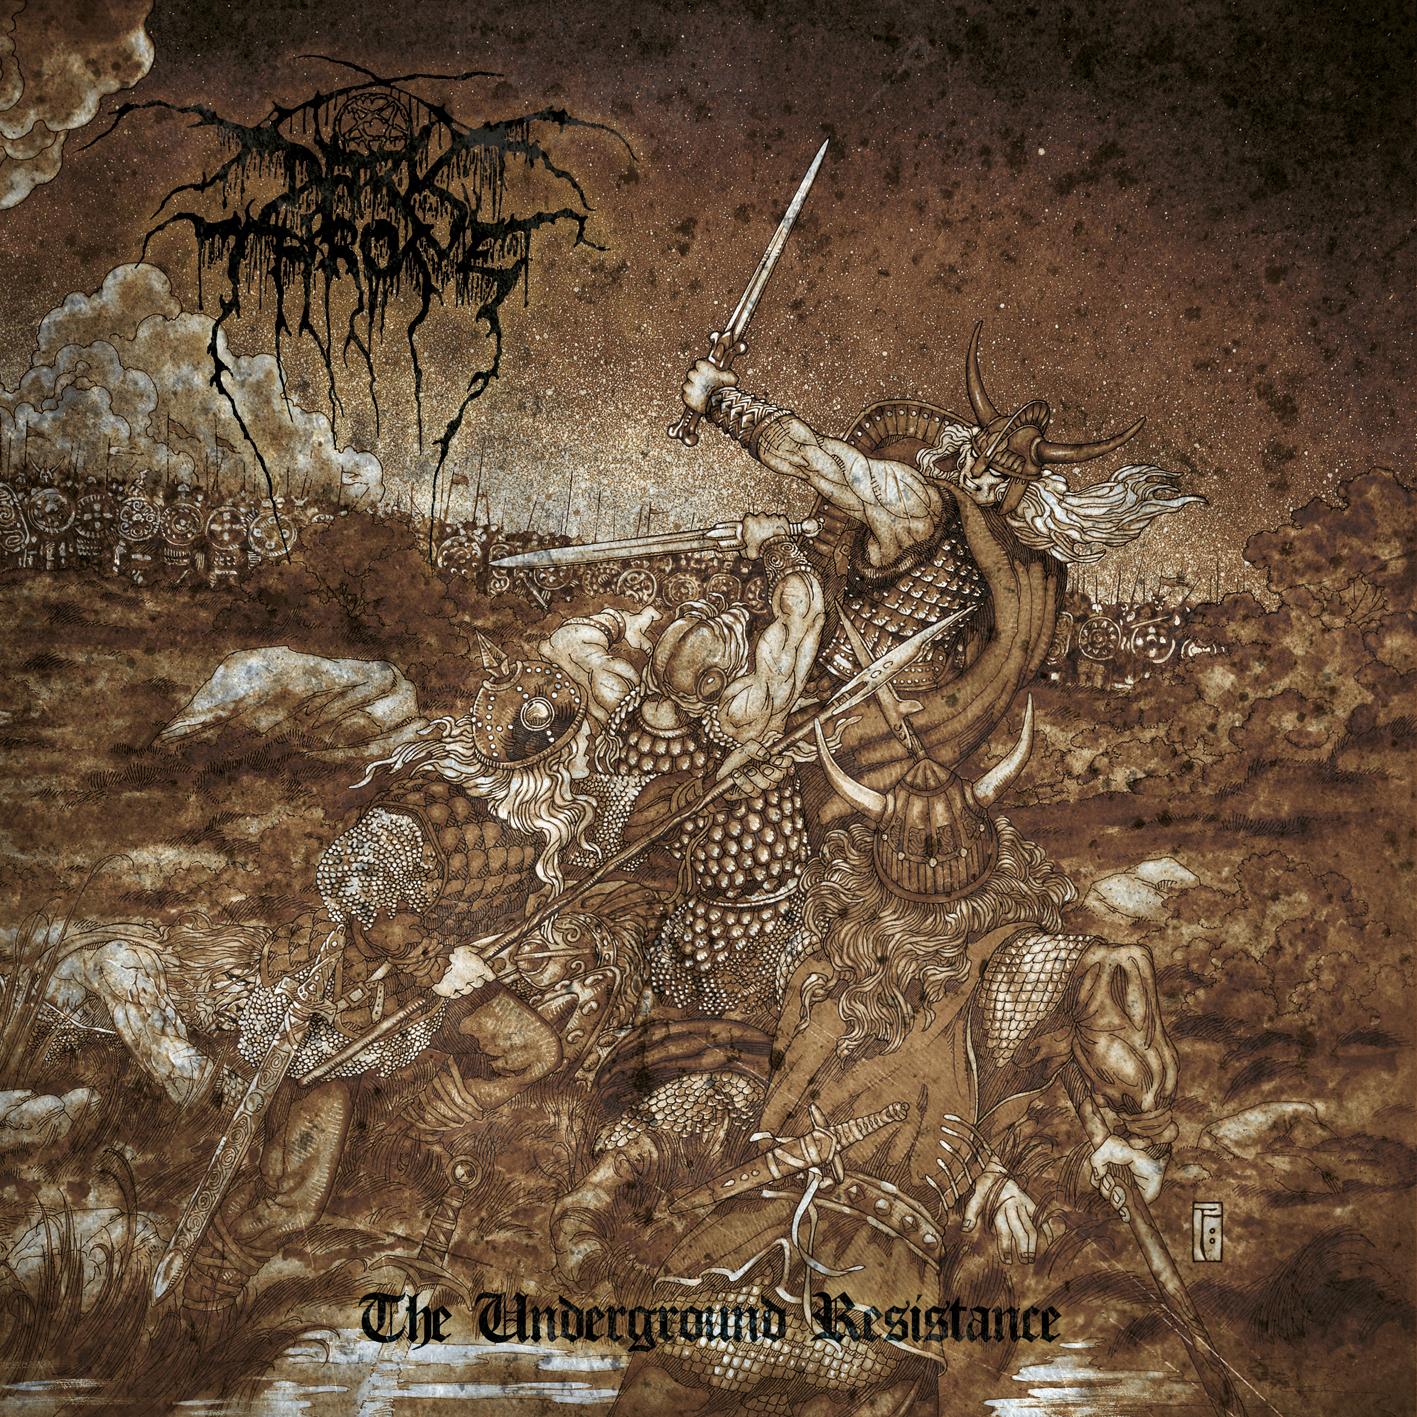 Darkthrone – The Underground Resistance Review